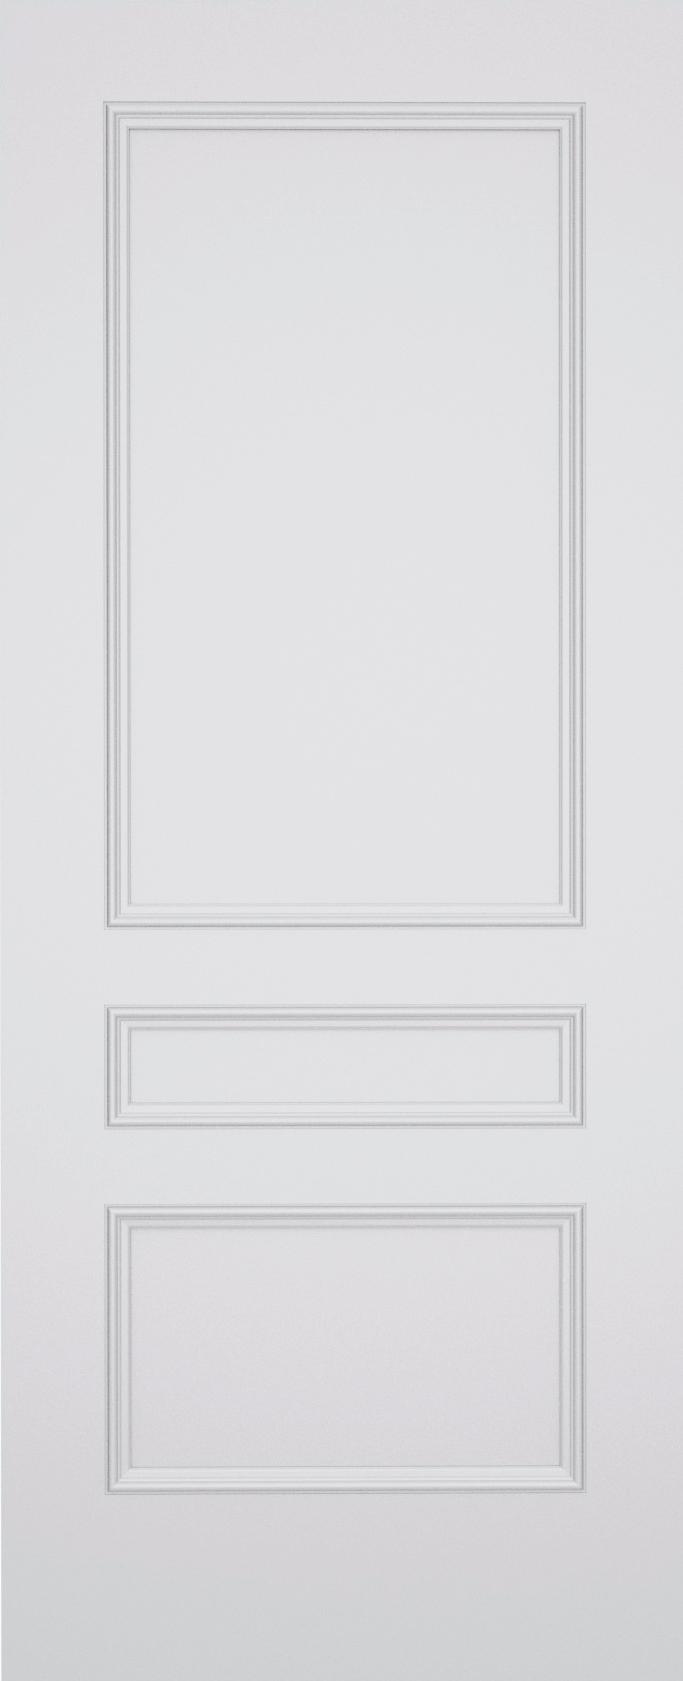 Kesh Havering 3 Panel Door